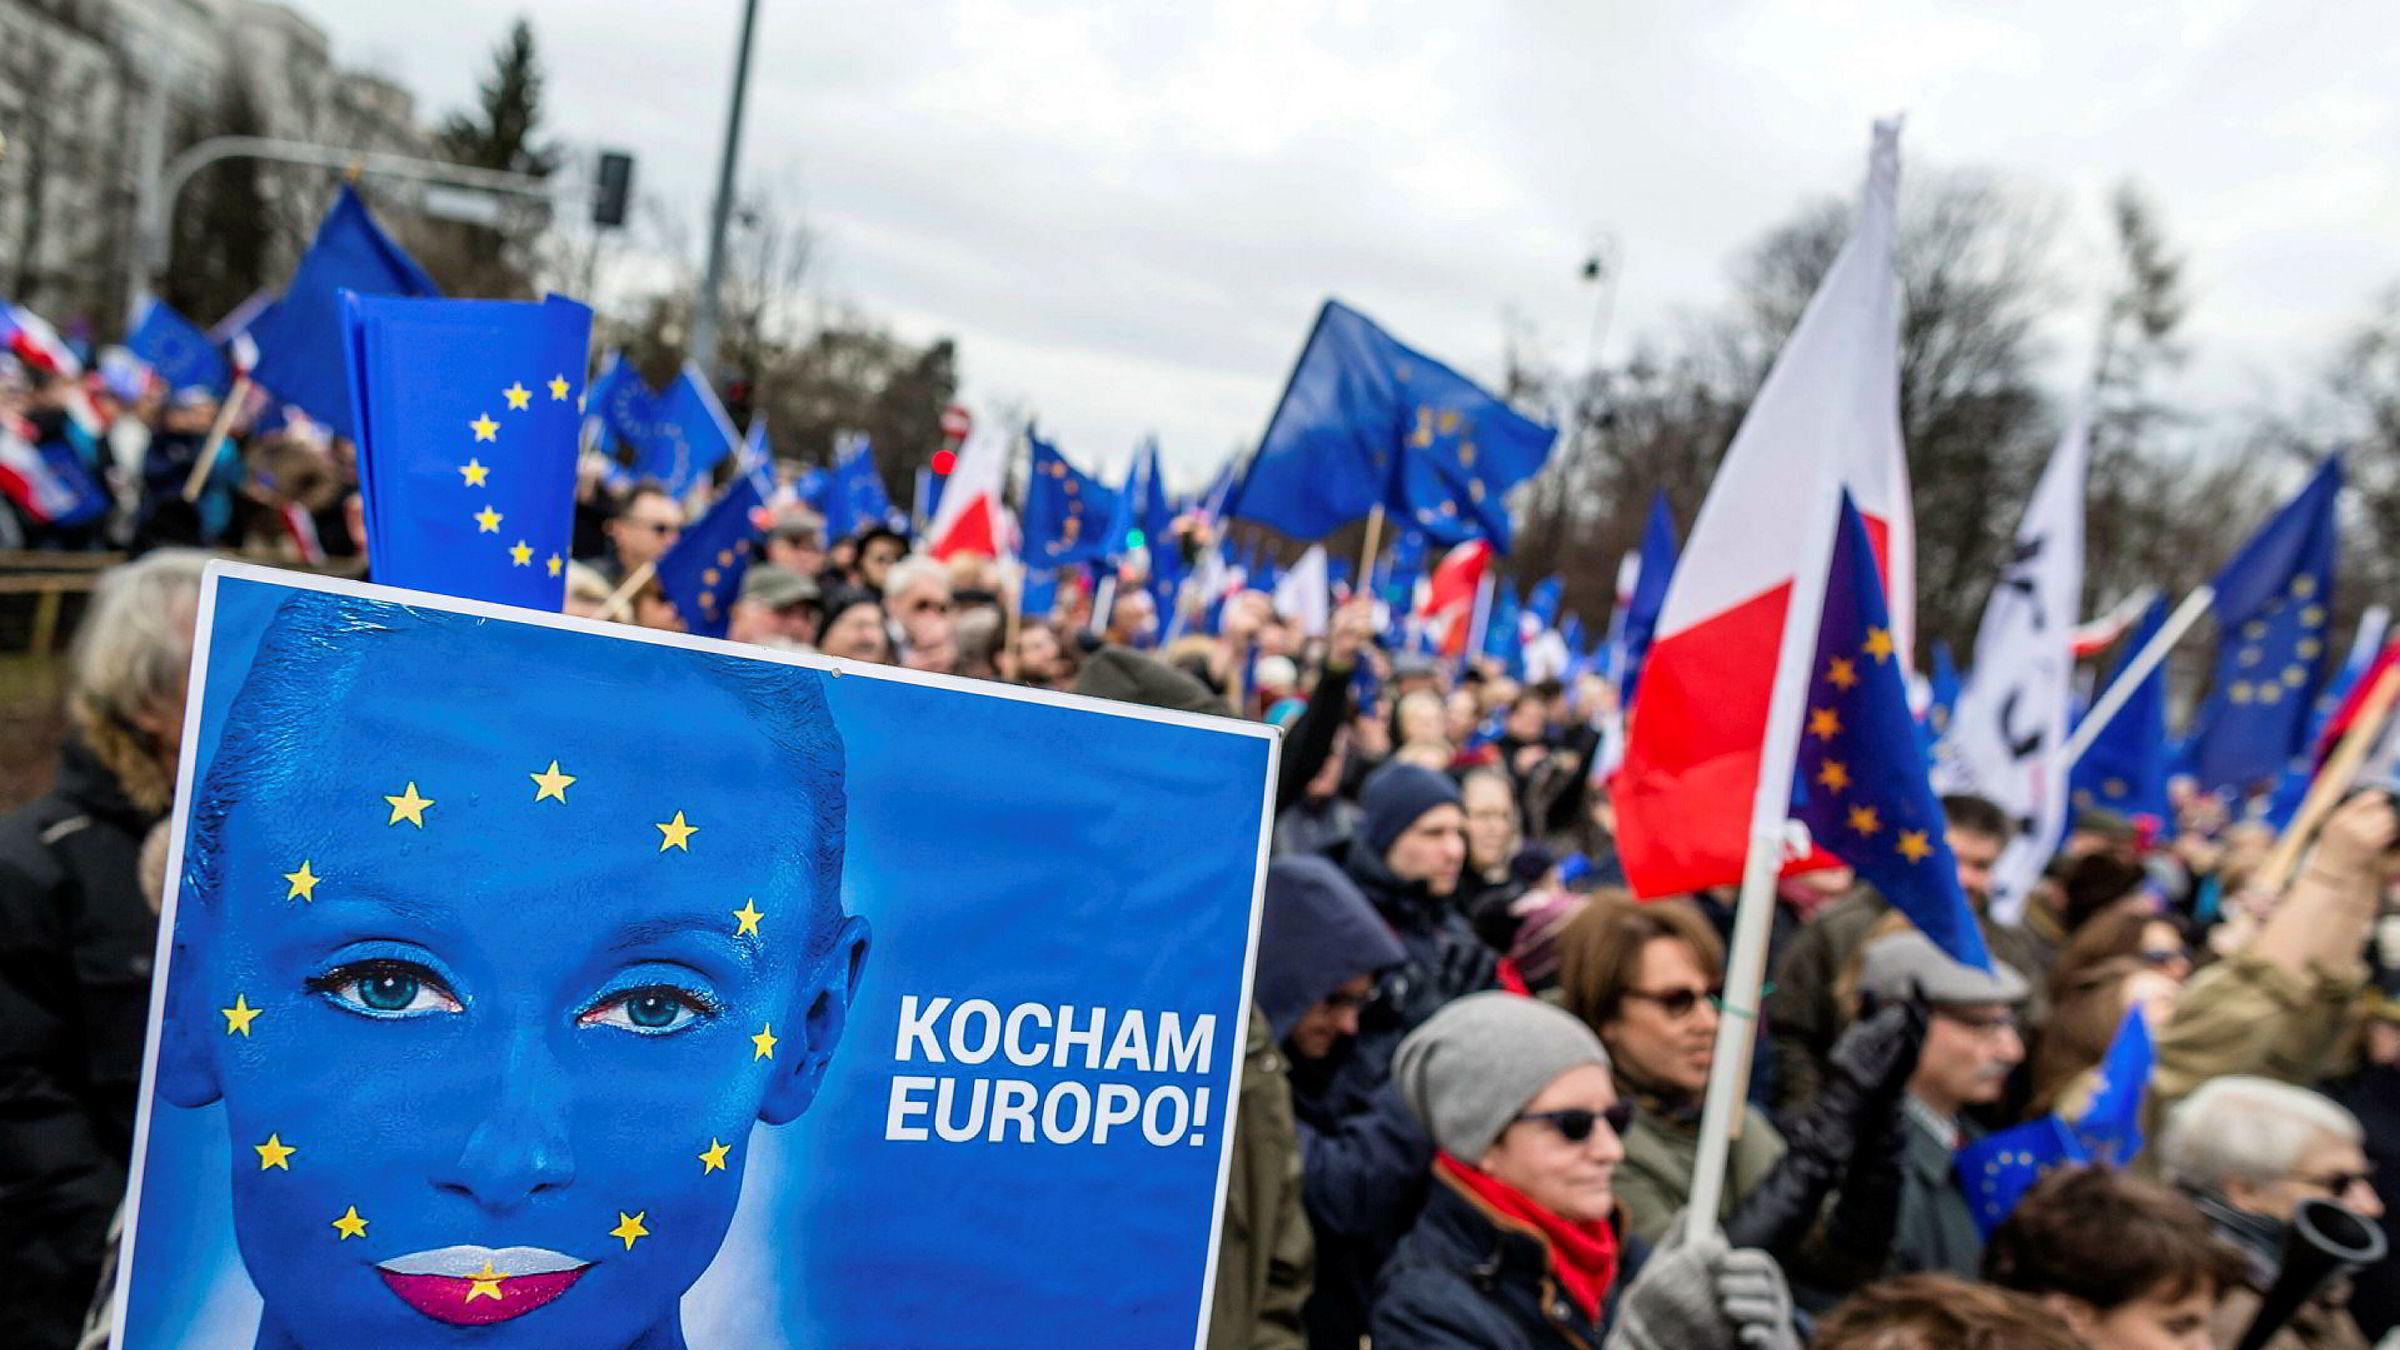 Europa er ikke lenger verdens sentrum og modell for andre, men er i sikkerhetspolitisk krise og må konsolidere seg selv. Her fra en demonstrasjon mot Polens regjering i Warszawa.